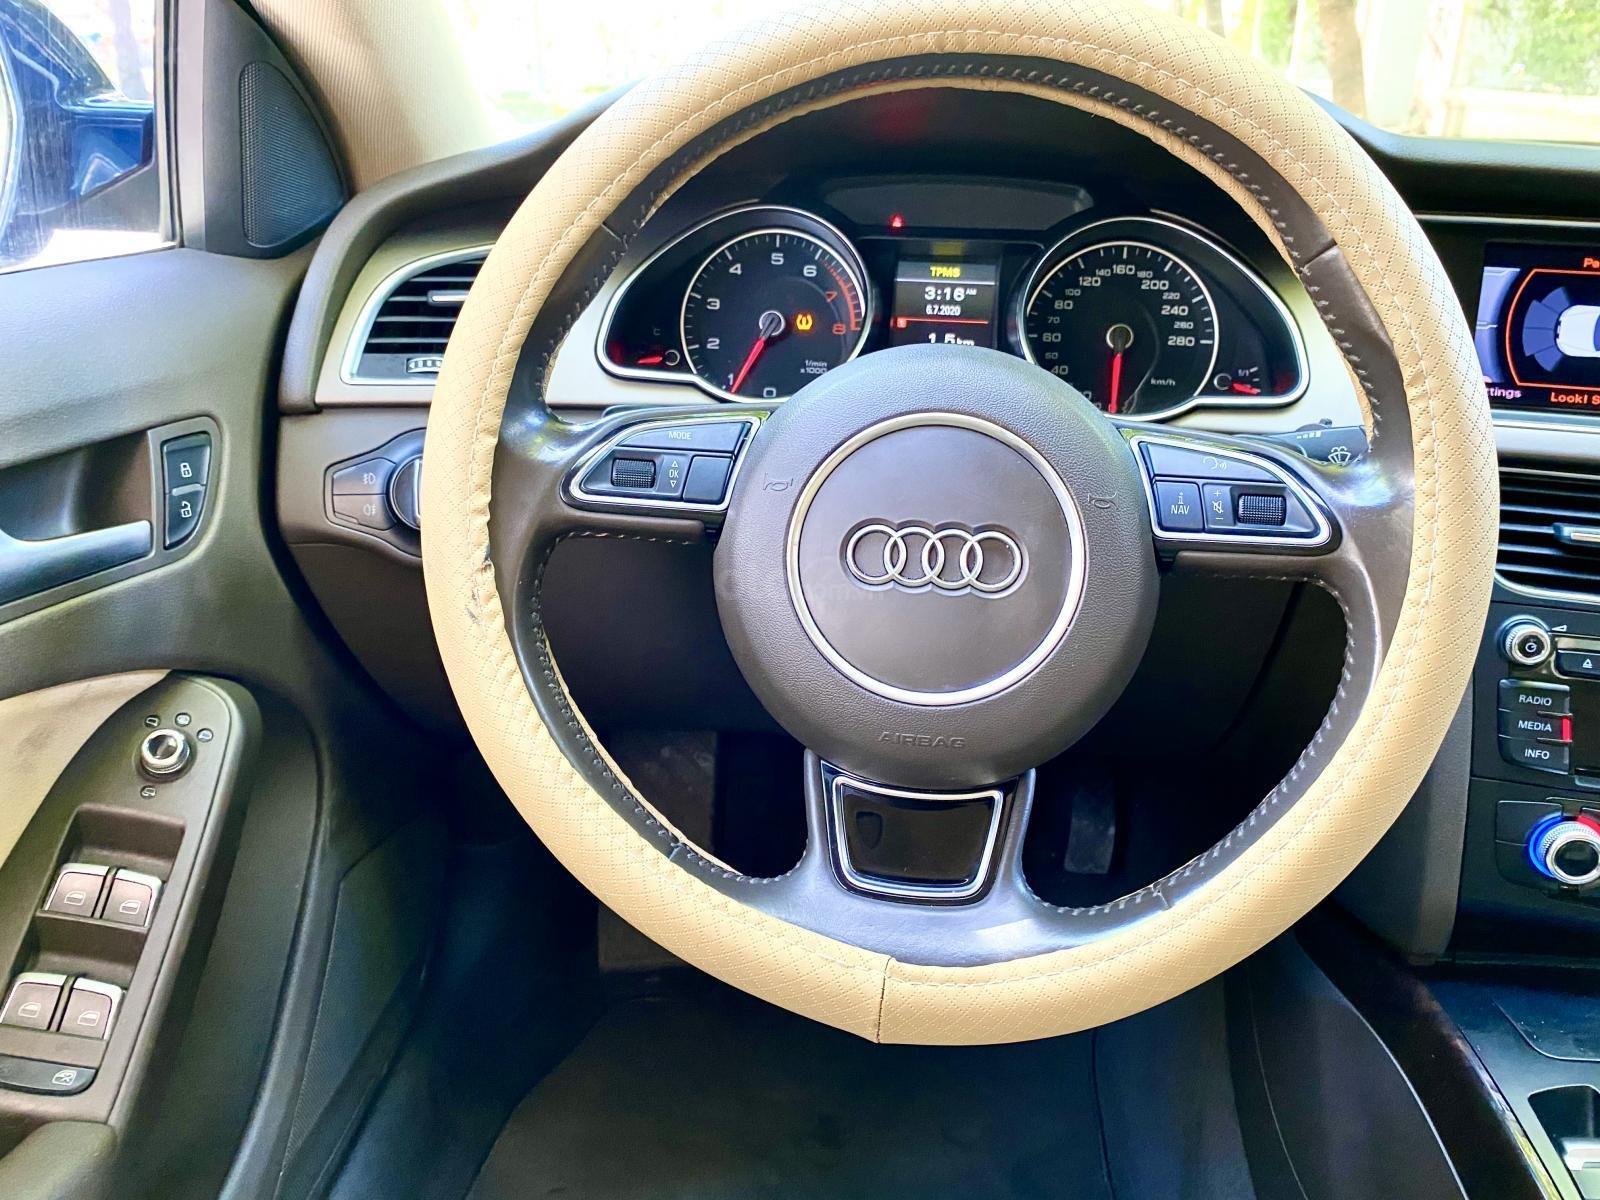 Audi A5 nhập Đức 2015 màu xanh zin, full và độ vào rất nhiều đồ chơi cao cấp, số tự động 6 cấp, nội thất kem (6)